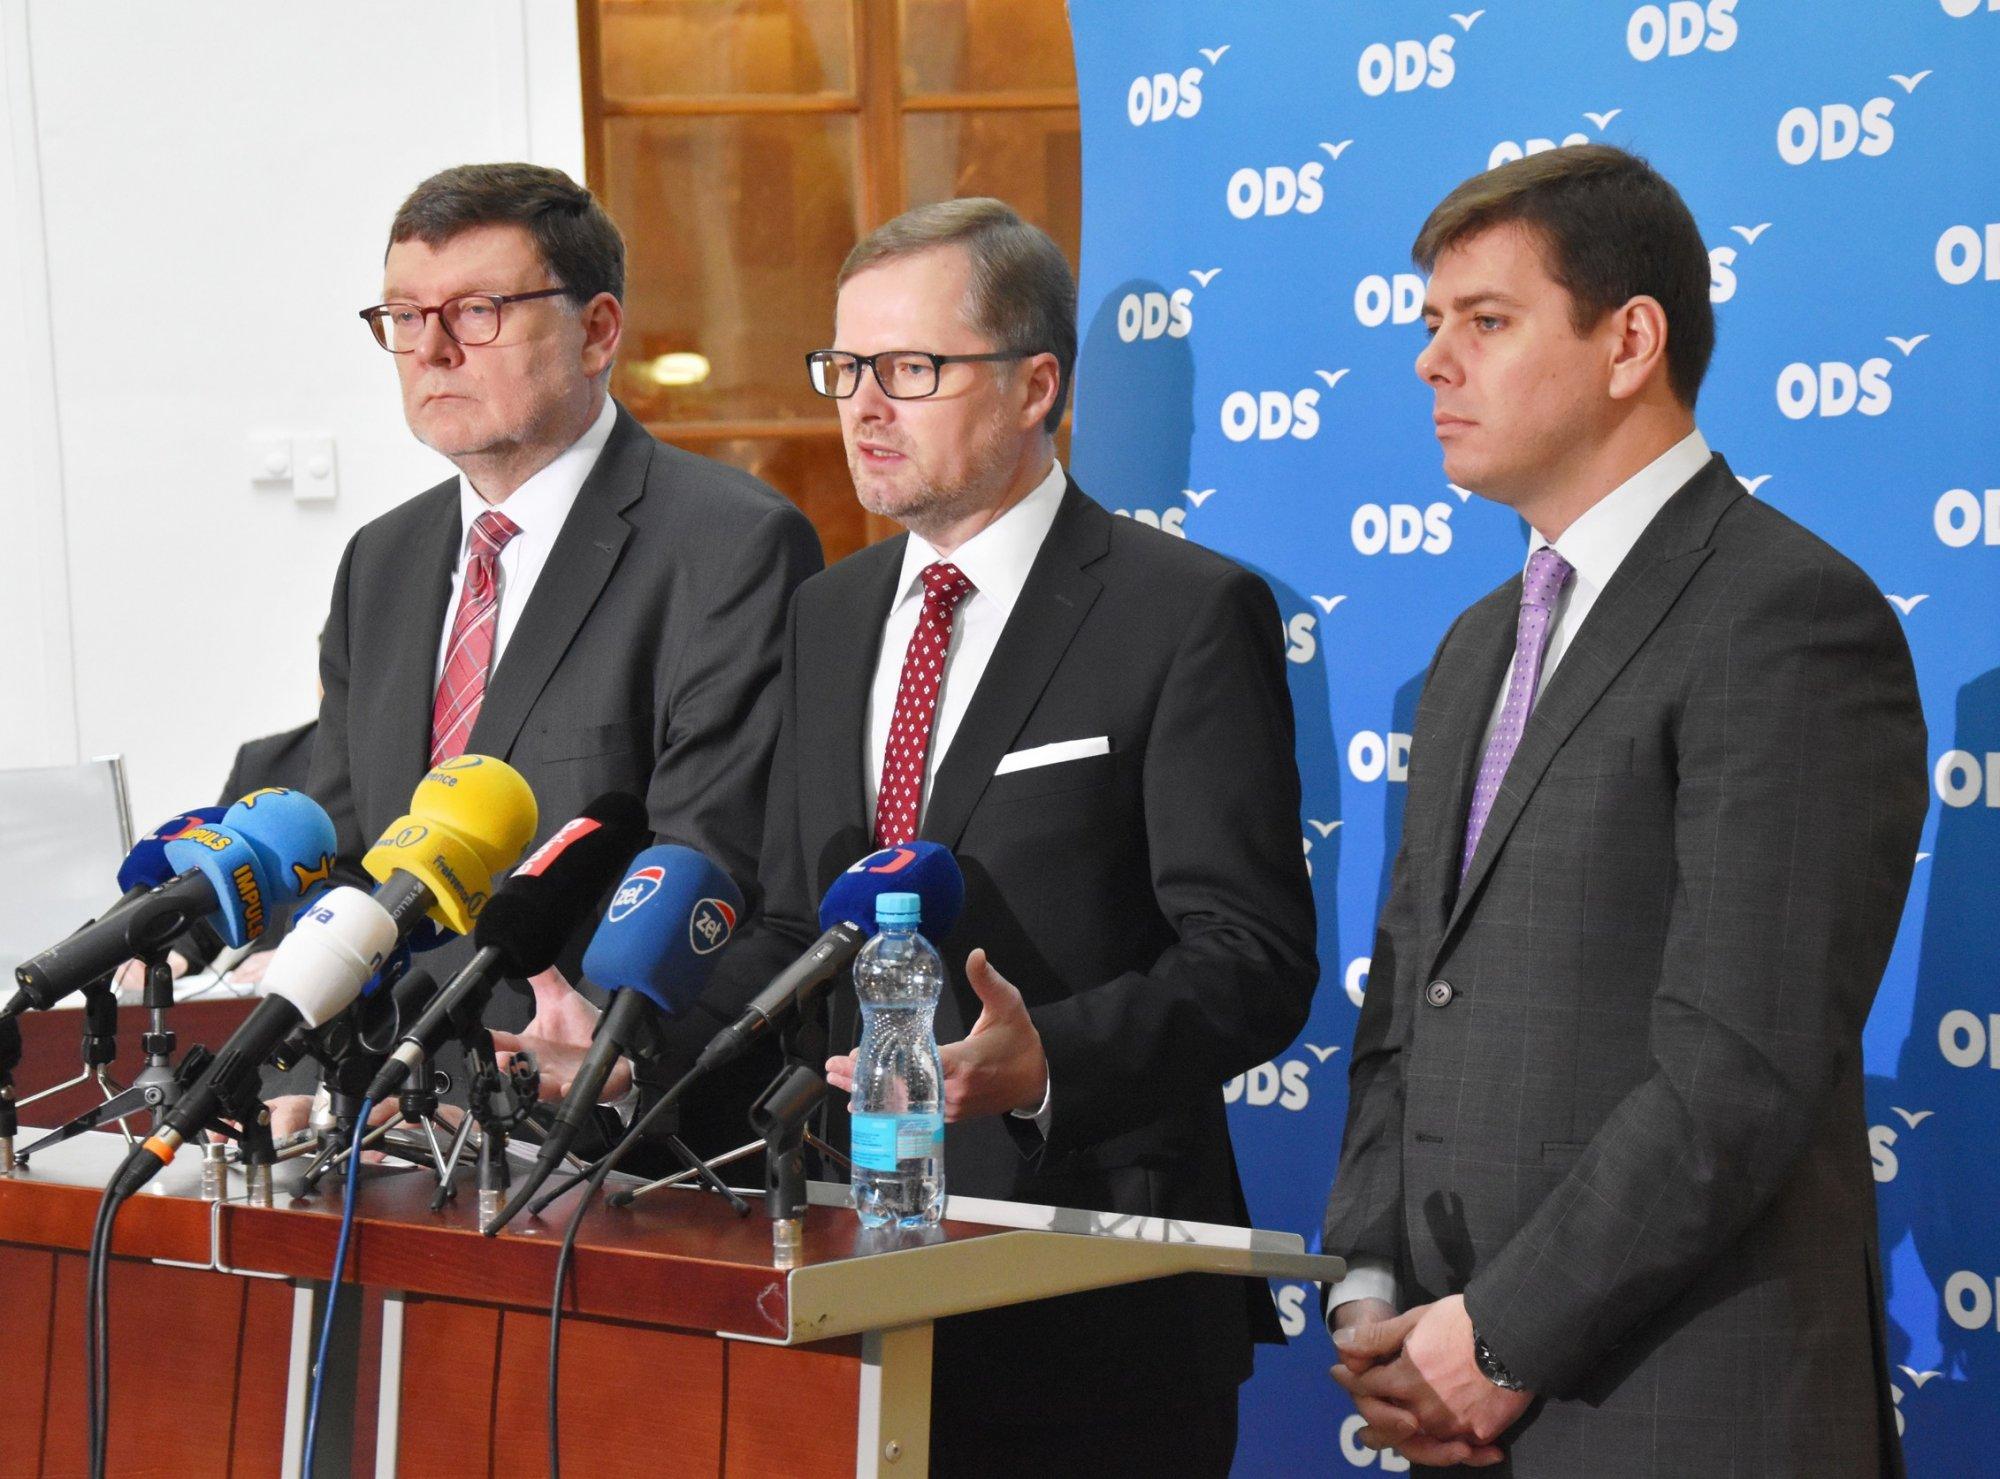 ODS: Návrhy ministerstva financí na změny v oblasti daní jsou jen laciný marketingový trik